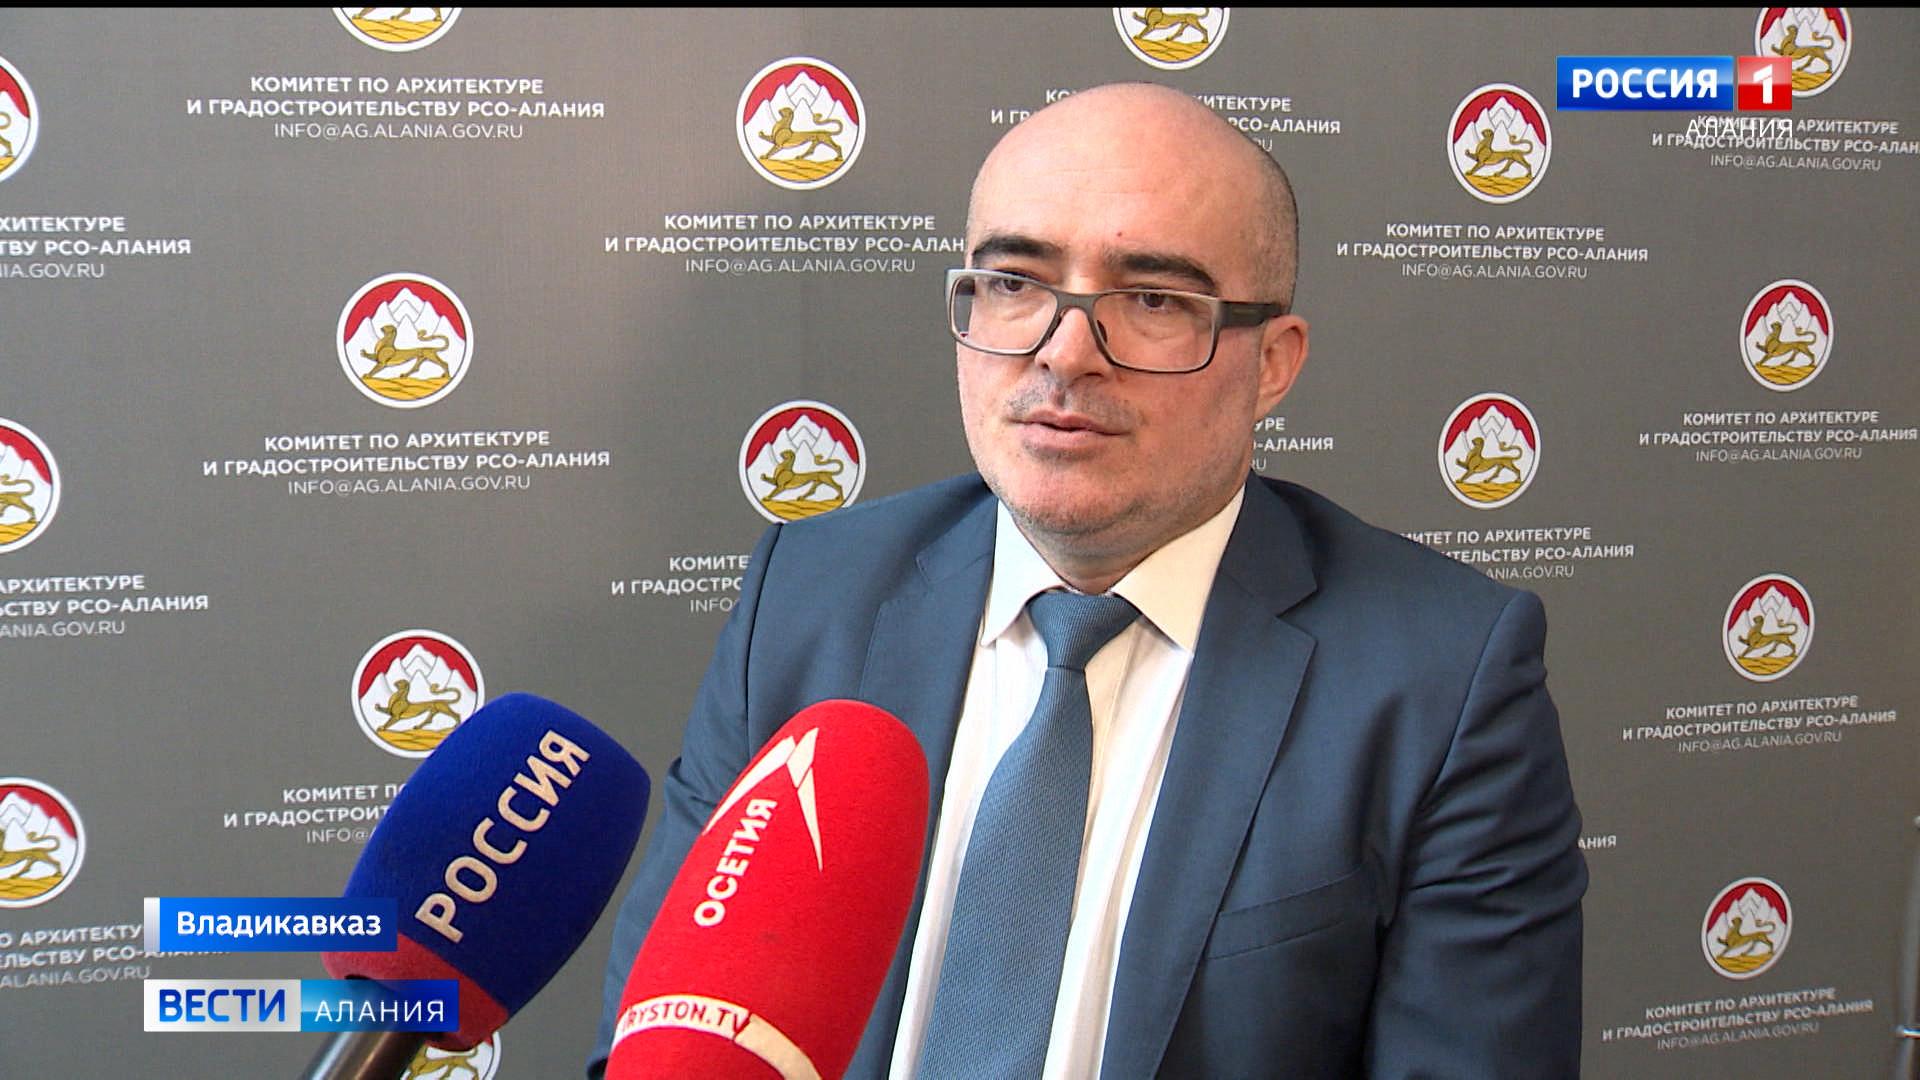 Председатель комитета по архитектуре и градостроительству рассказал о новых подходах к городской застройке